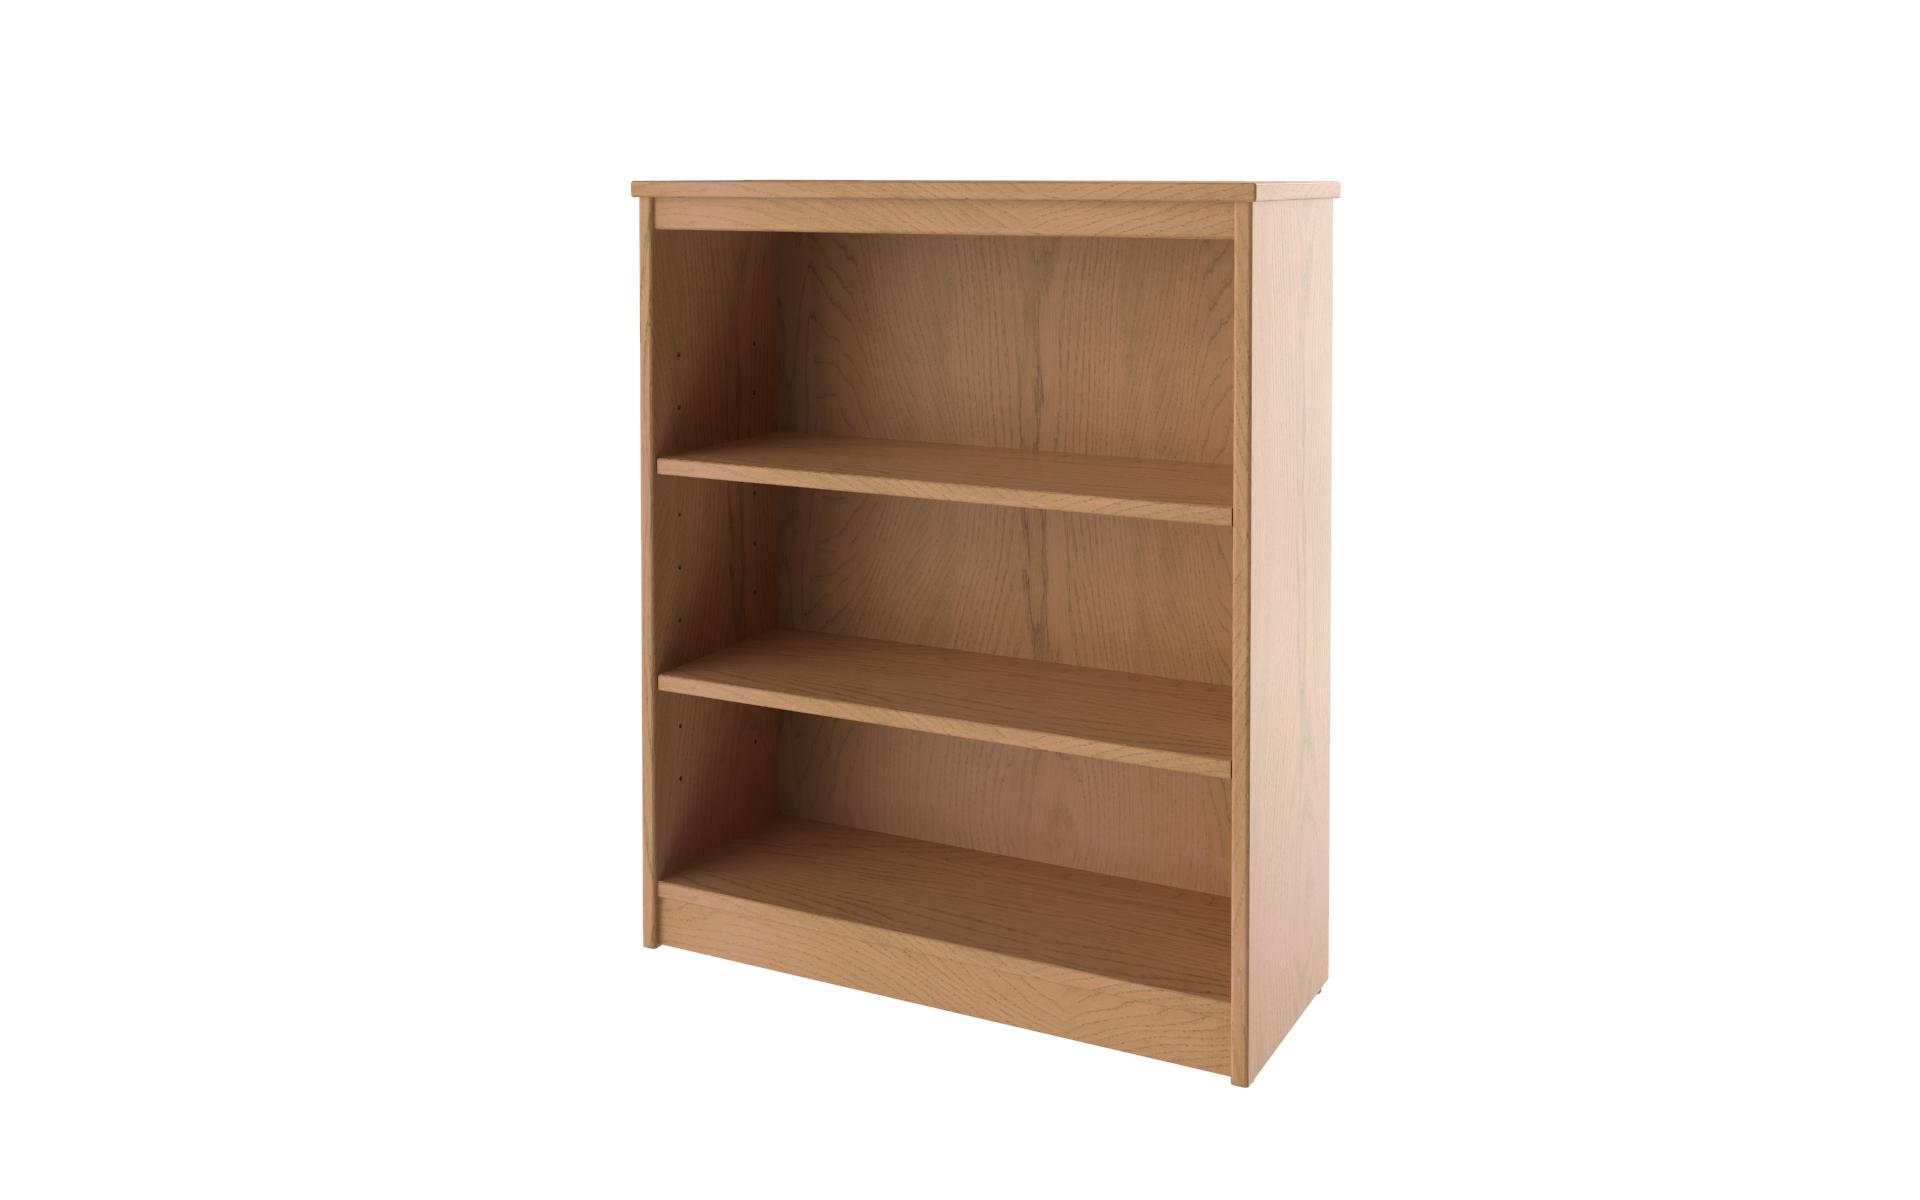 3 Shelves 2 Adjustable